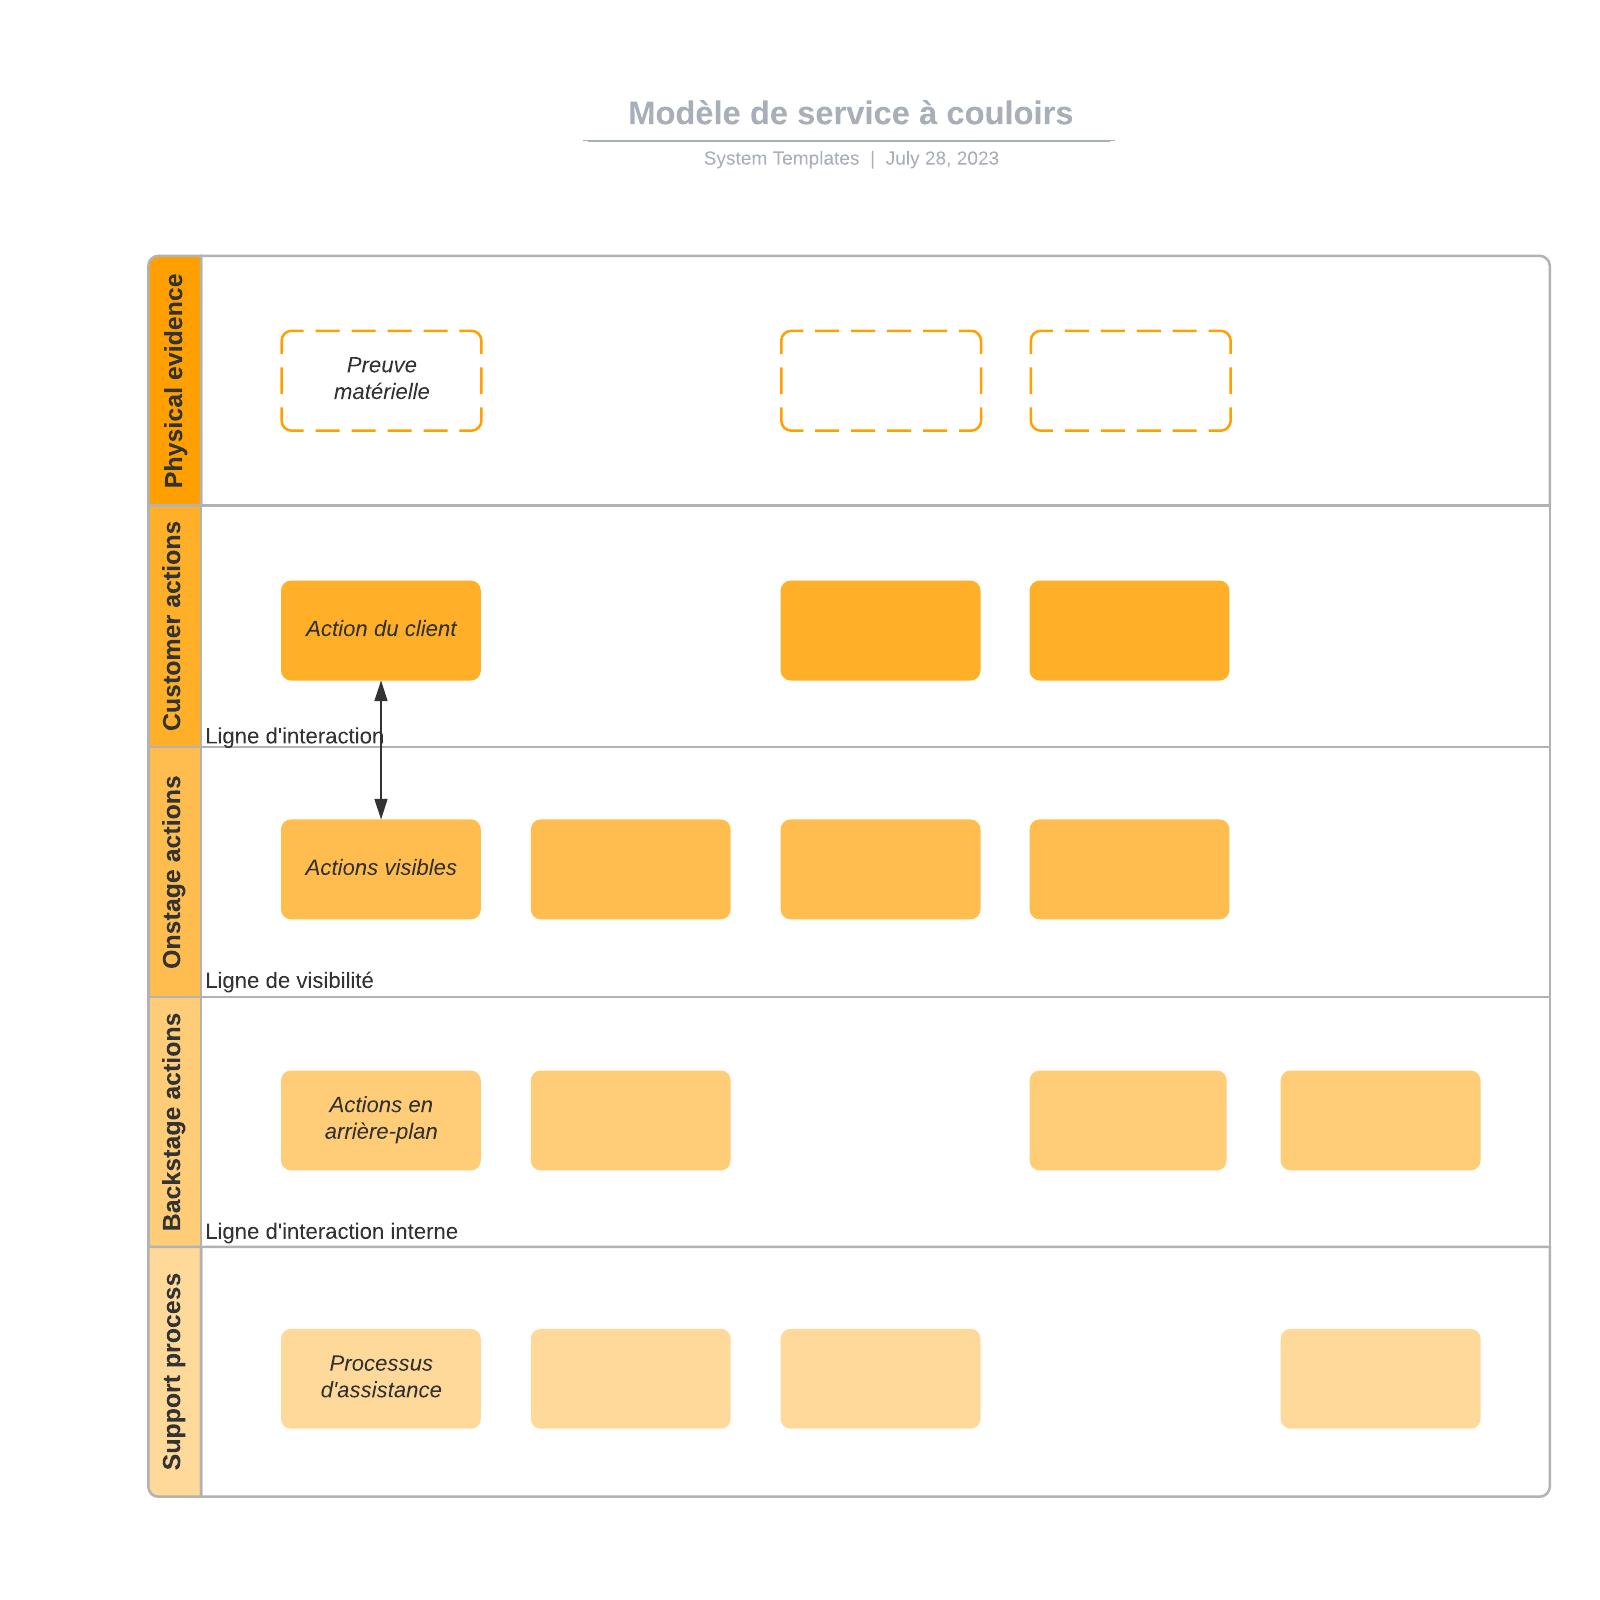 exemple de modèle de service à couloirs